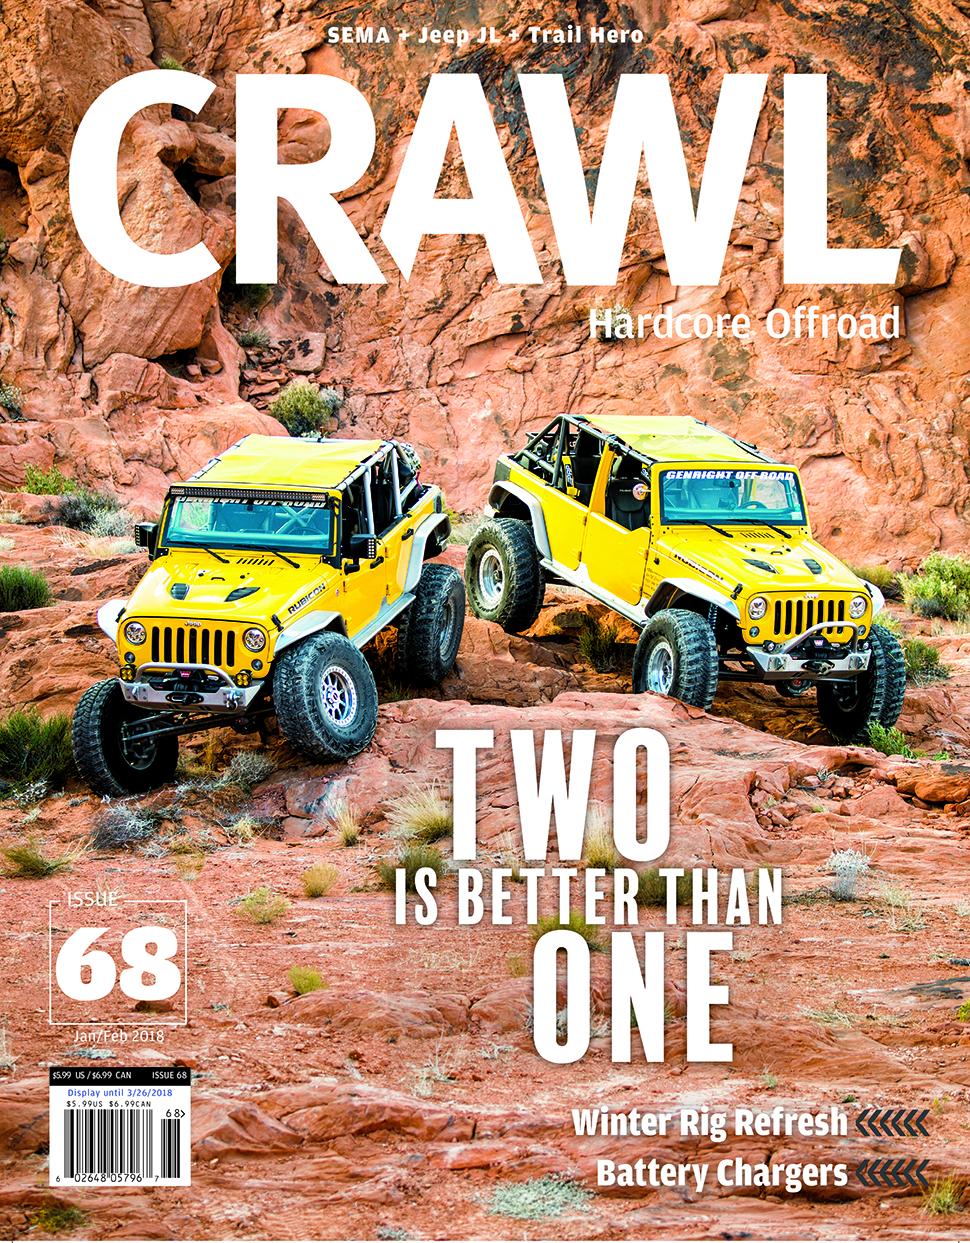 gr-crawl-cover-issue-68-web.jpg